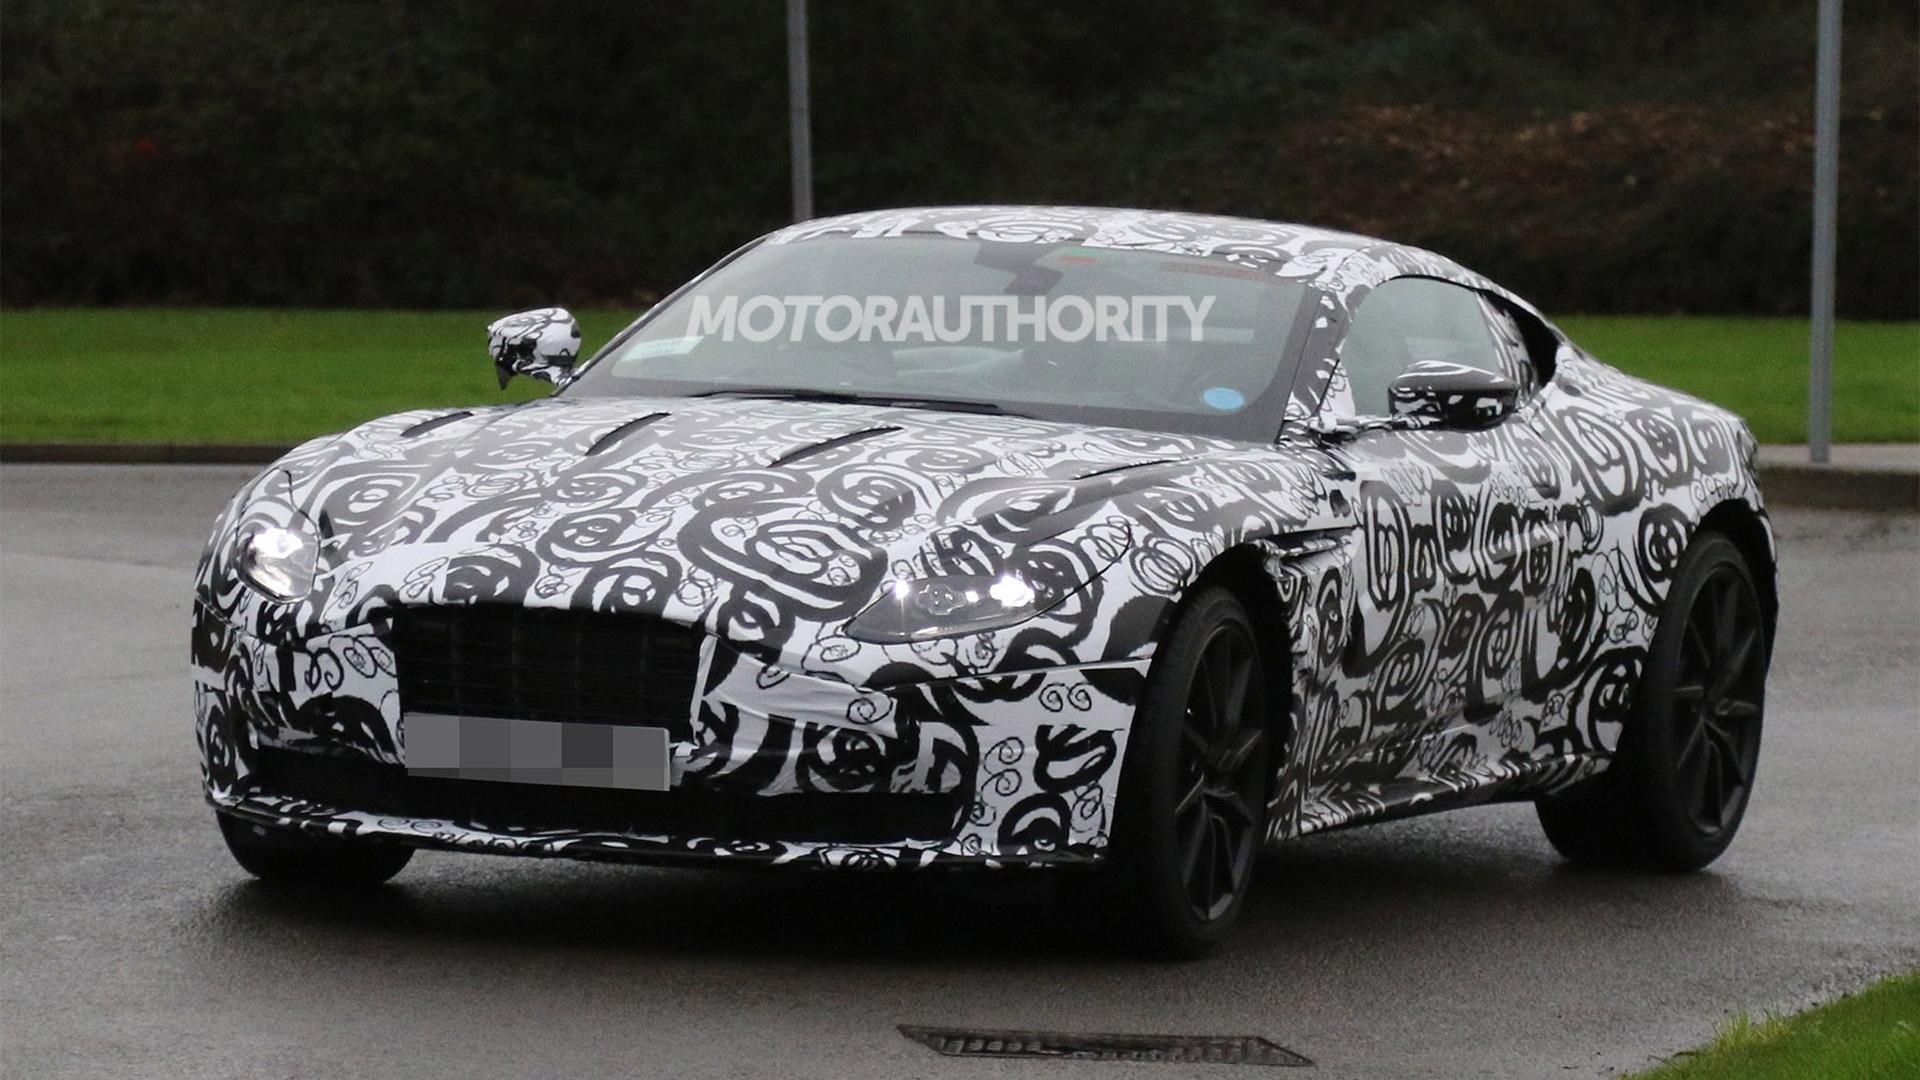 2017 Aston Martin DB11 spy shots - Image via S. Baldauf/SB-Medien